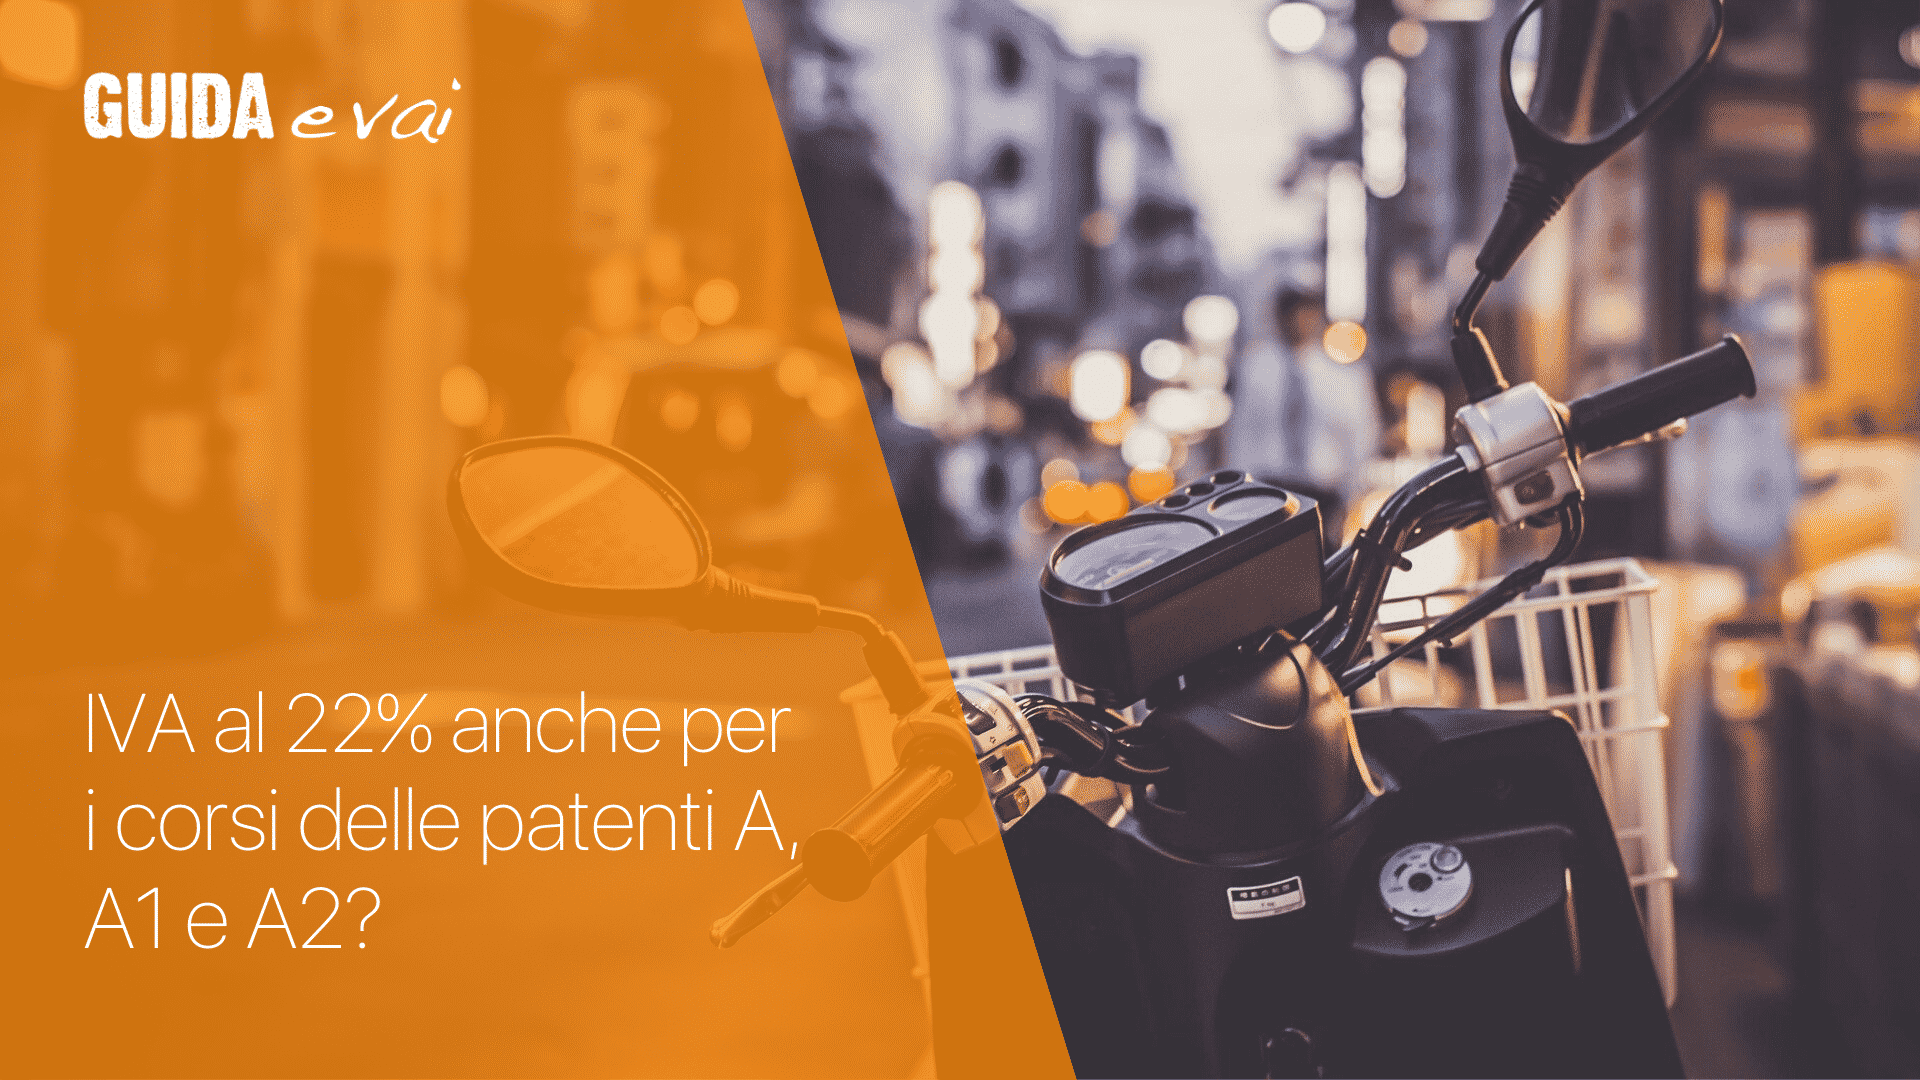 Pagamento IVA anche sulle patenti moto?